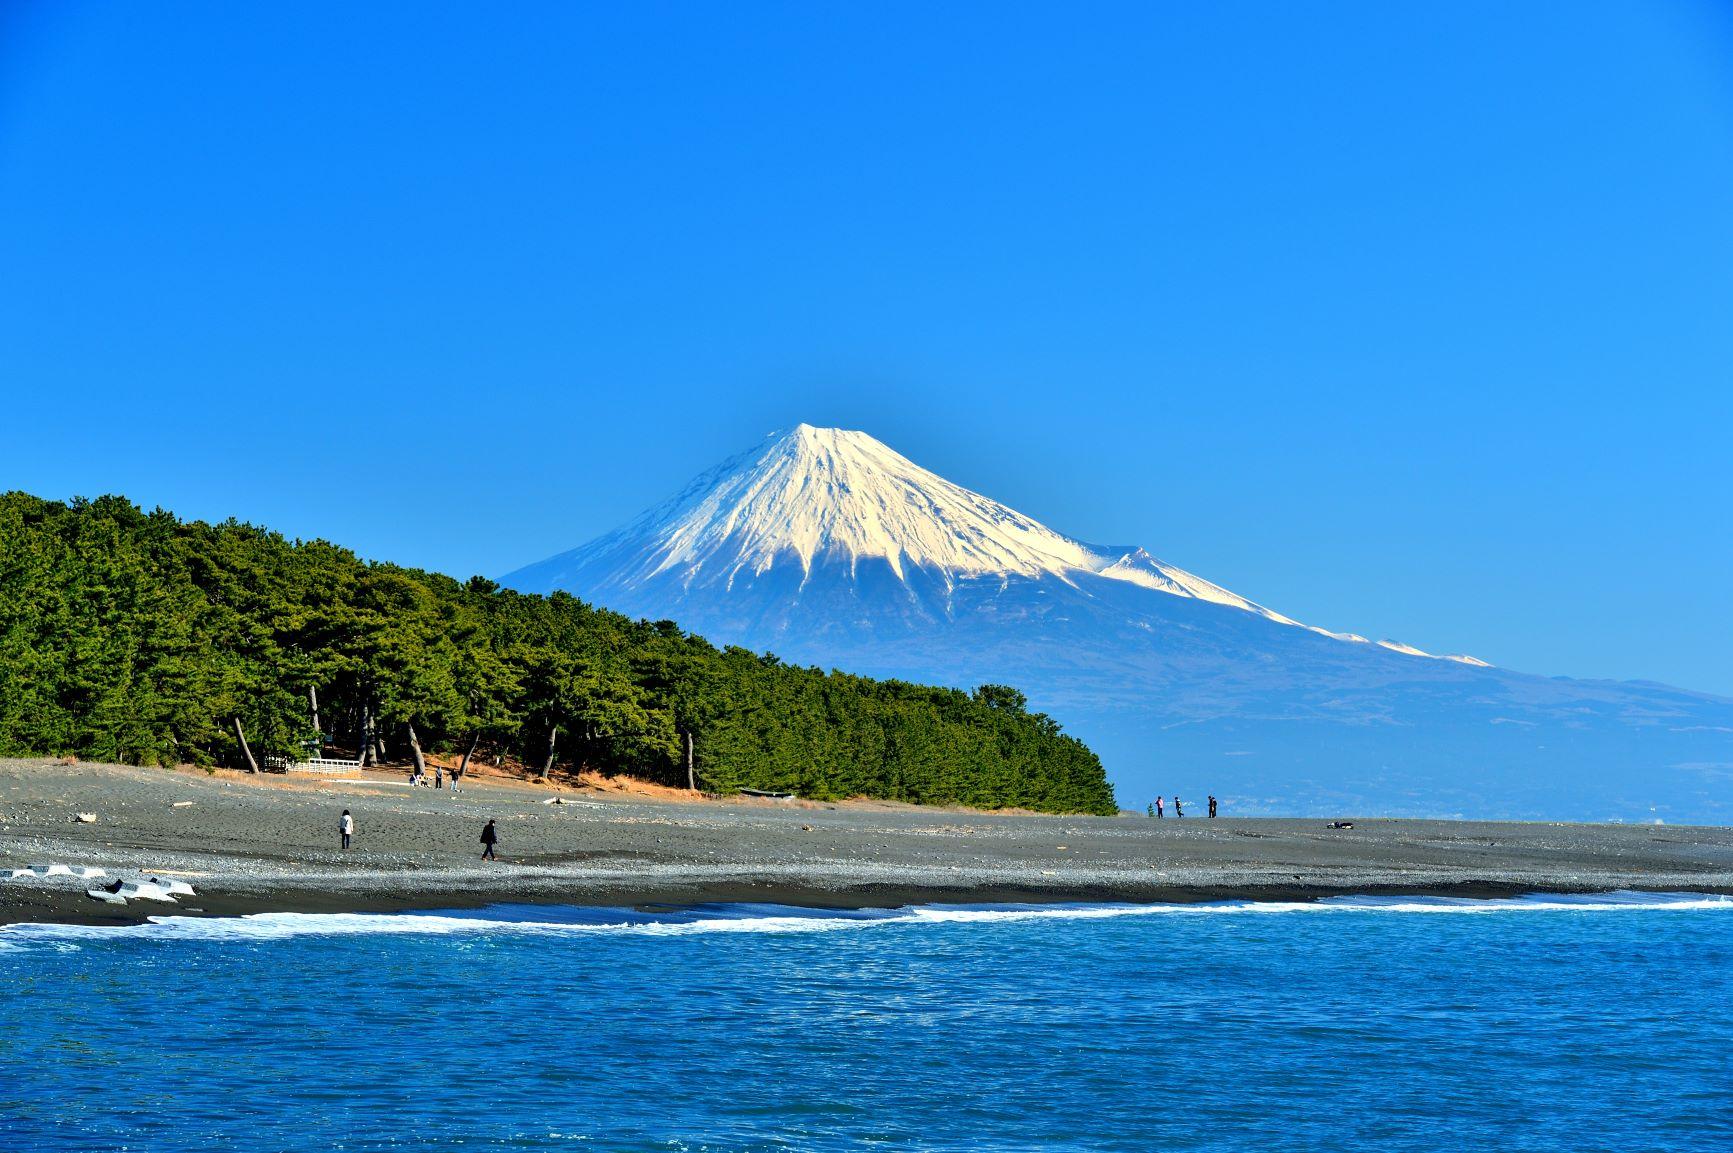 映画「ハルチカ」の聖地、静岡市清水でプロポーズの言葉をパートナーに!